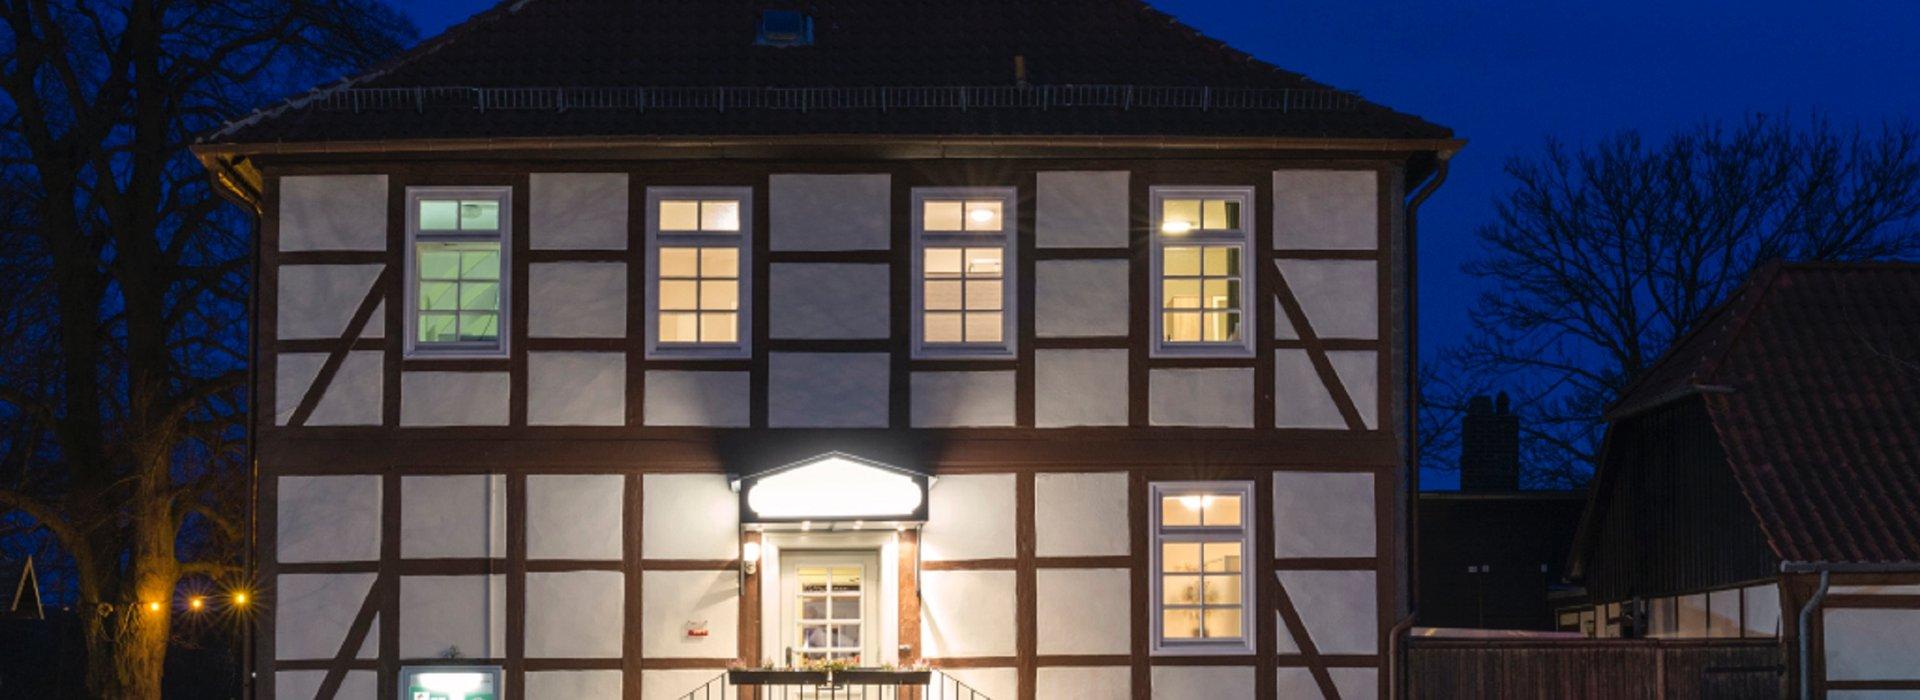 Der Klosterkrug am Abend